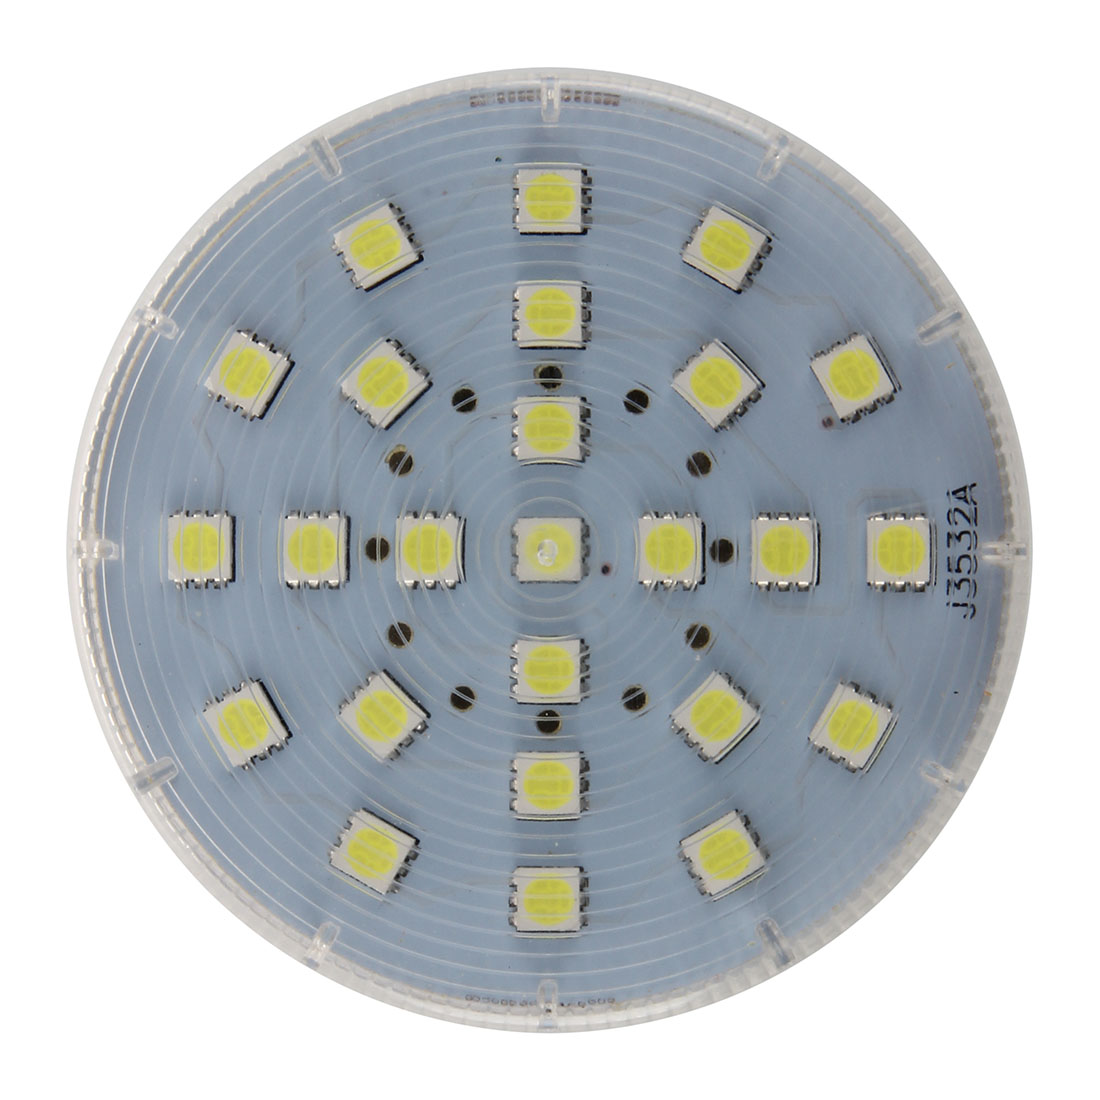 Gx53 25 LED 5050 SMD 4W 6500K White Ceiling Down Light Bulb Downlight